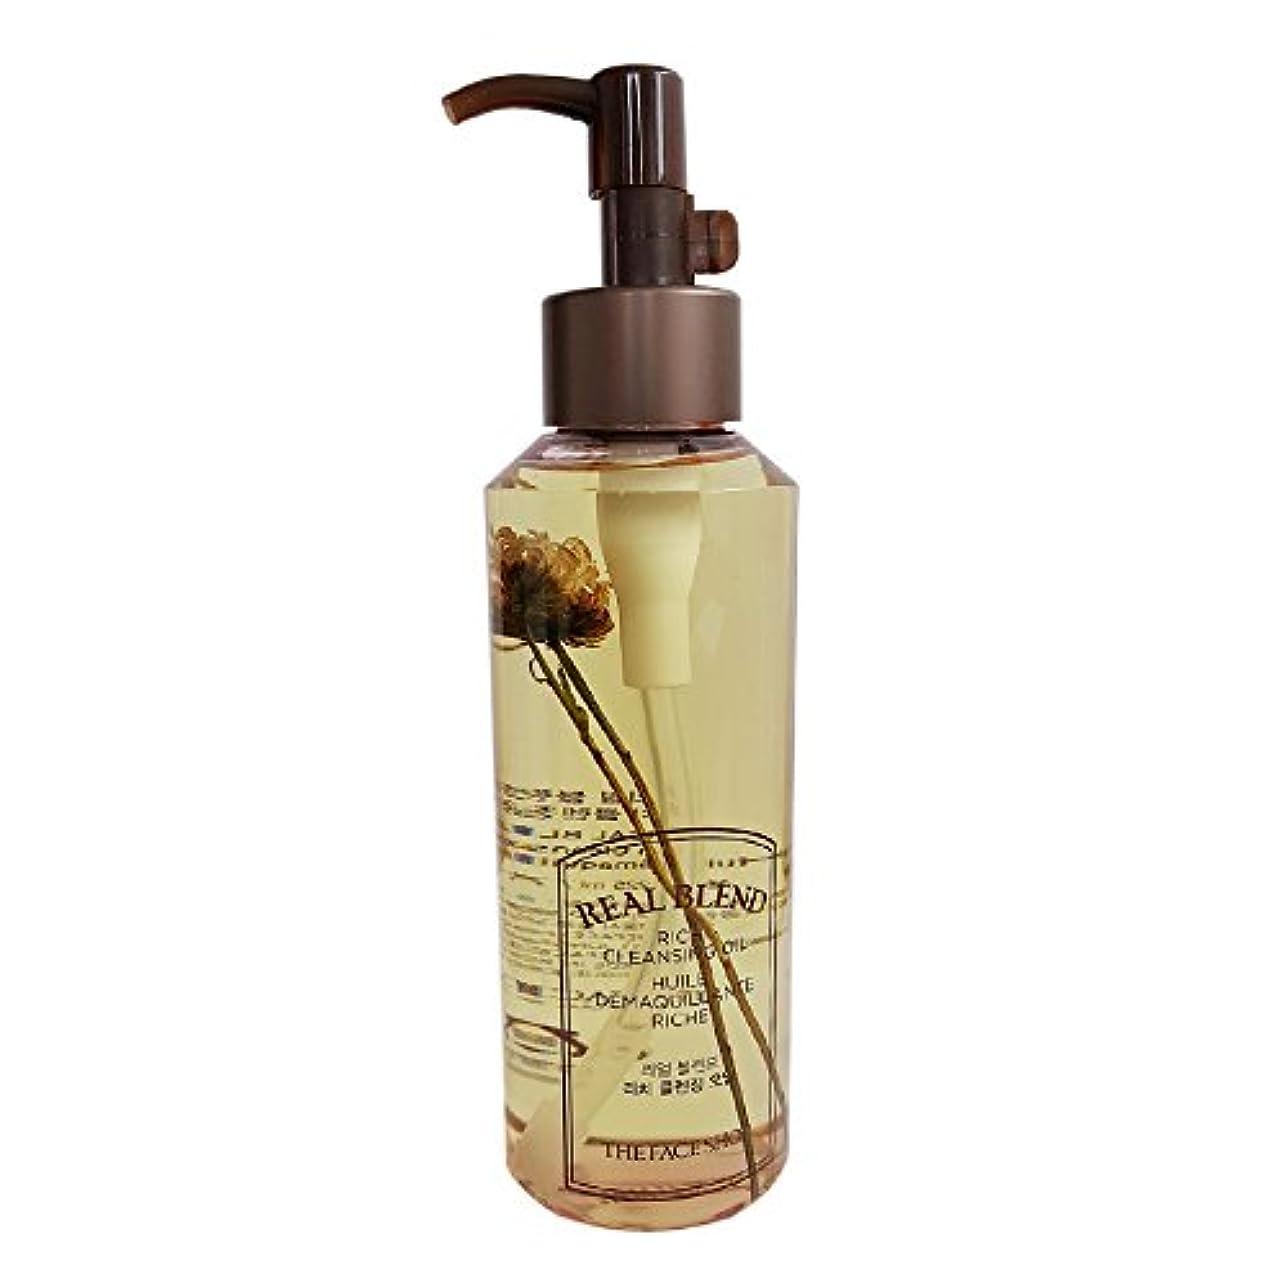 軍隊絶壁注釈を付ける[ザ·フェイスショップ]The Face Shop リアルブランド リッチクレンジングオイル (225ml) The Face Shop Real Blend Rich Cleansing Oil(225ml) [海外直送品]